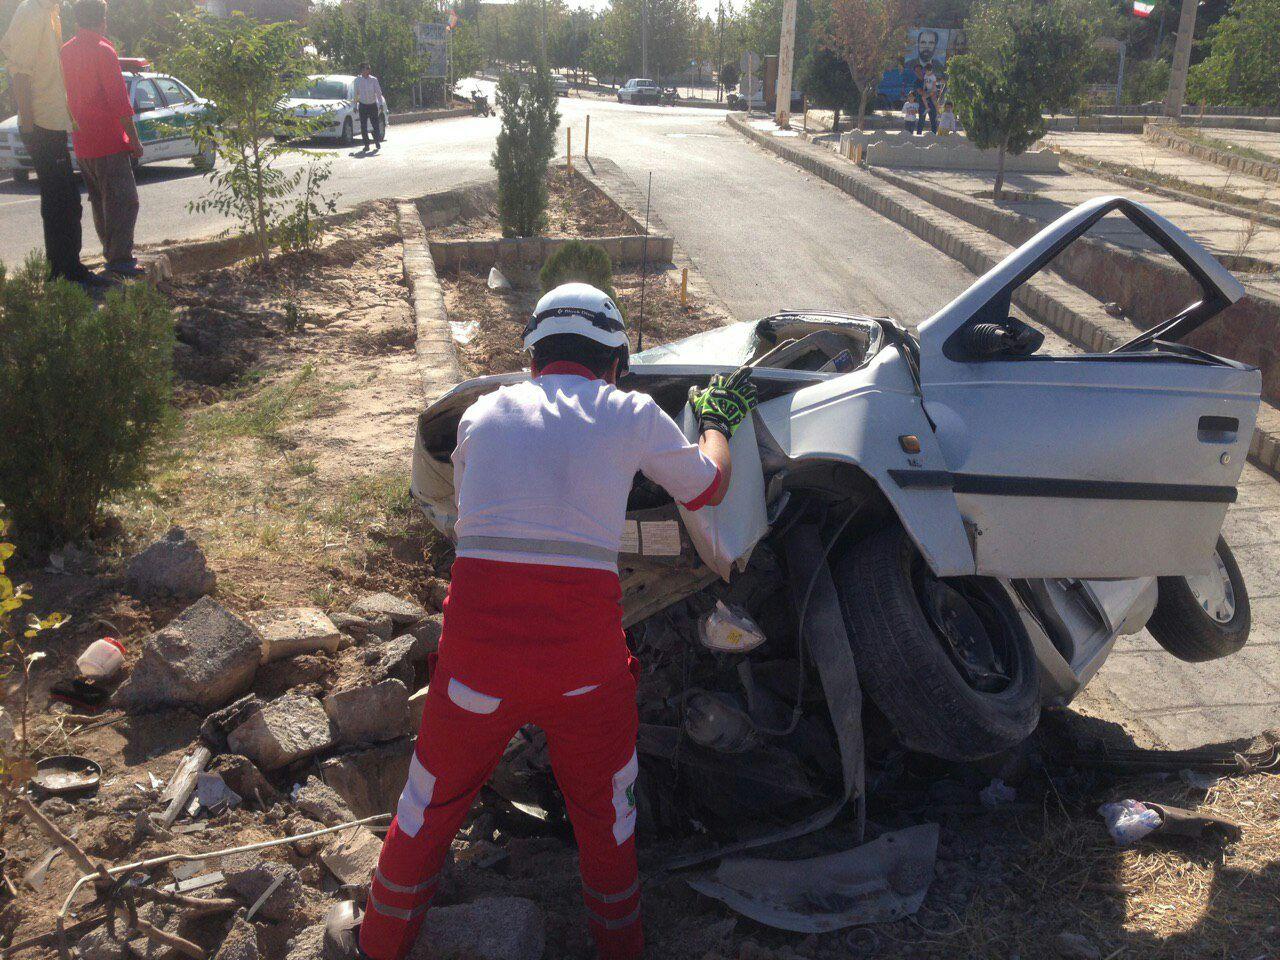 یک کشته و دو مصدوم در حادثه سانحه رانندگی بجستان/